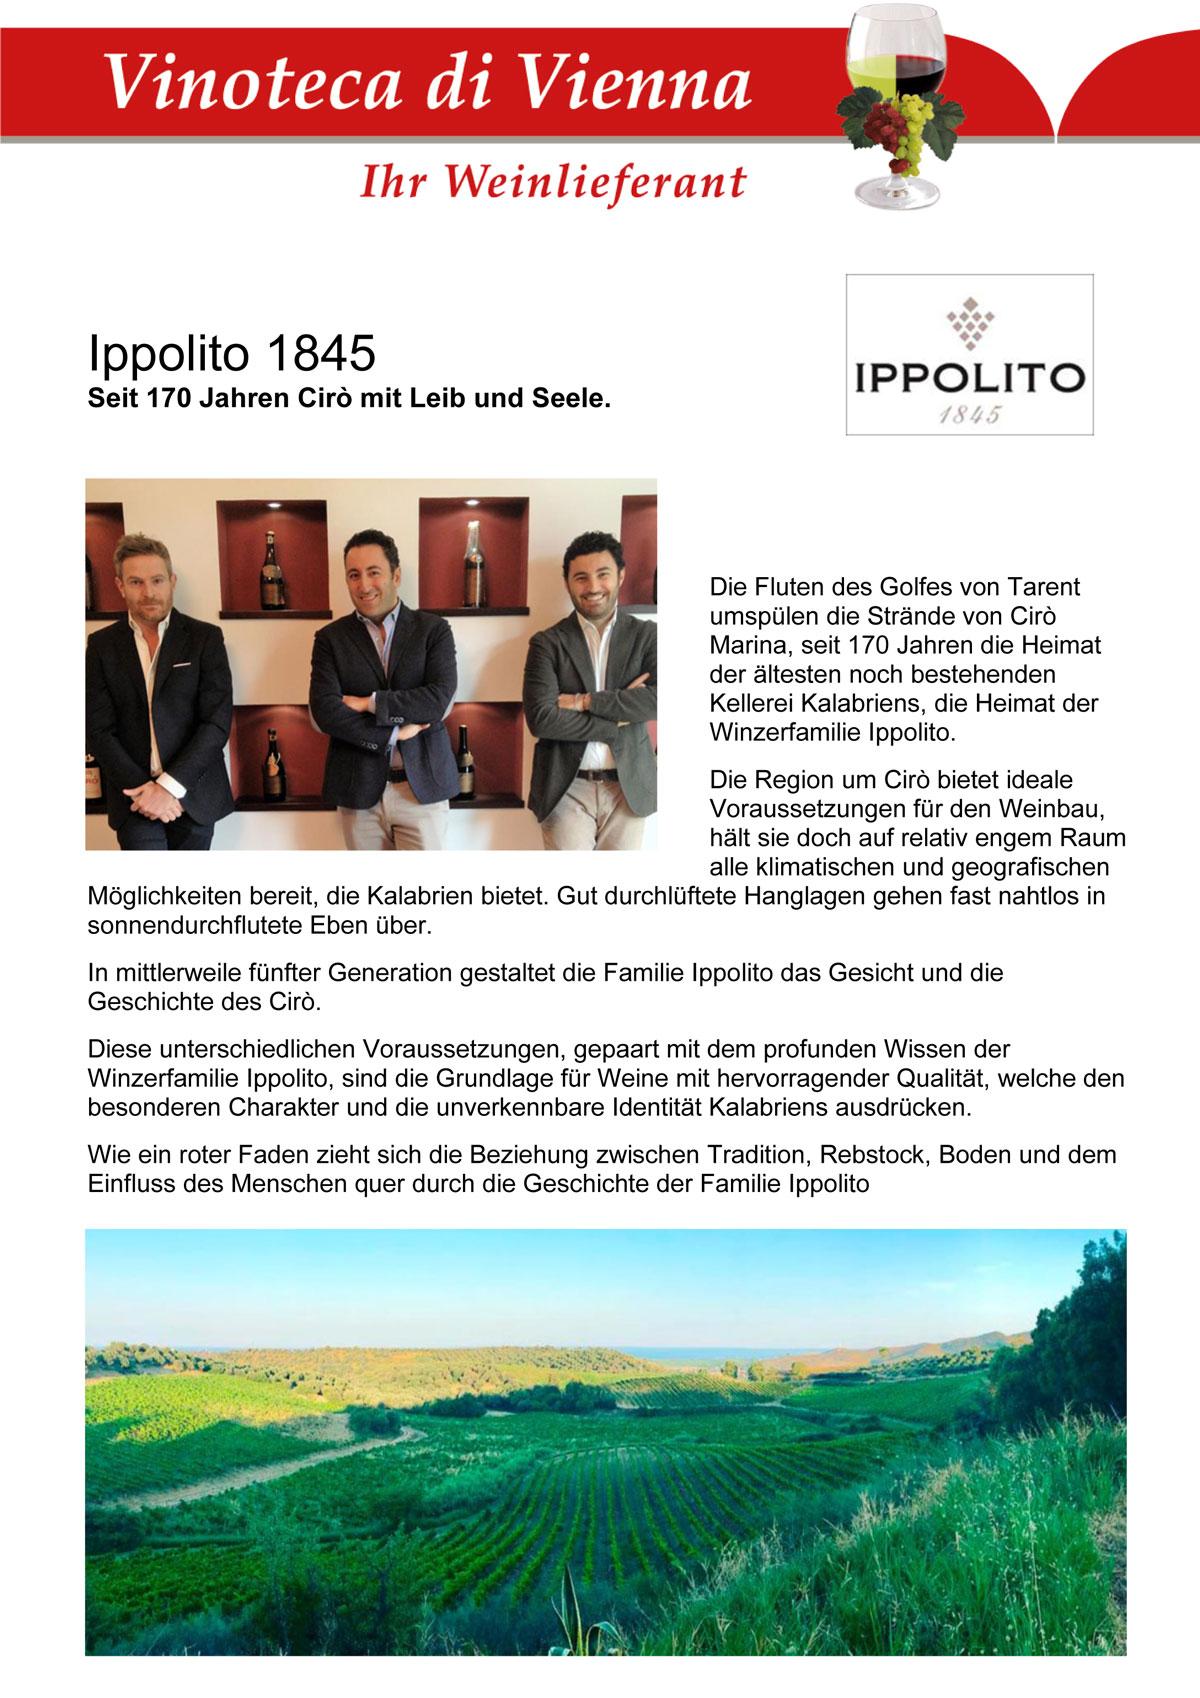 Ippolito 1845, Seit 170 Jahren Cirò mit Leib und Seele. Cirò Marina, Kalabrien